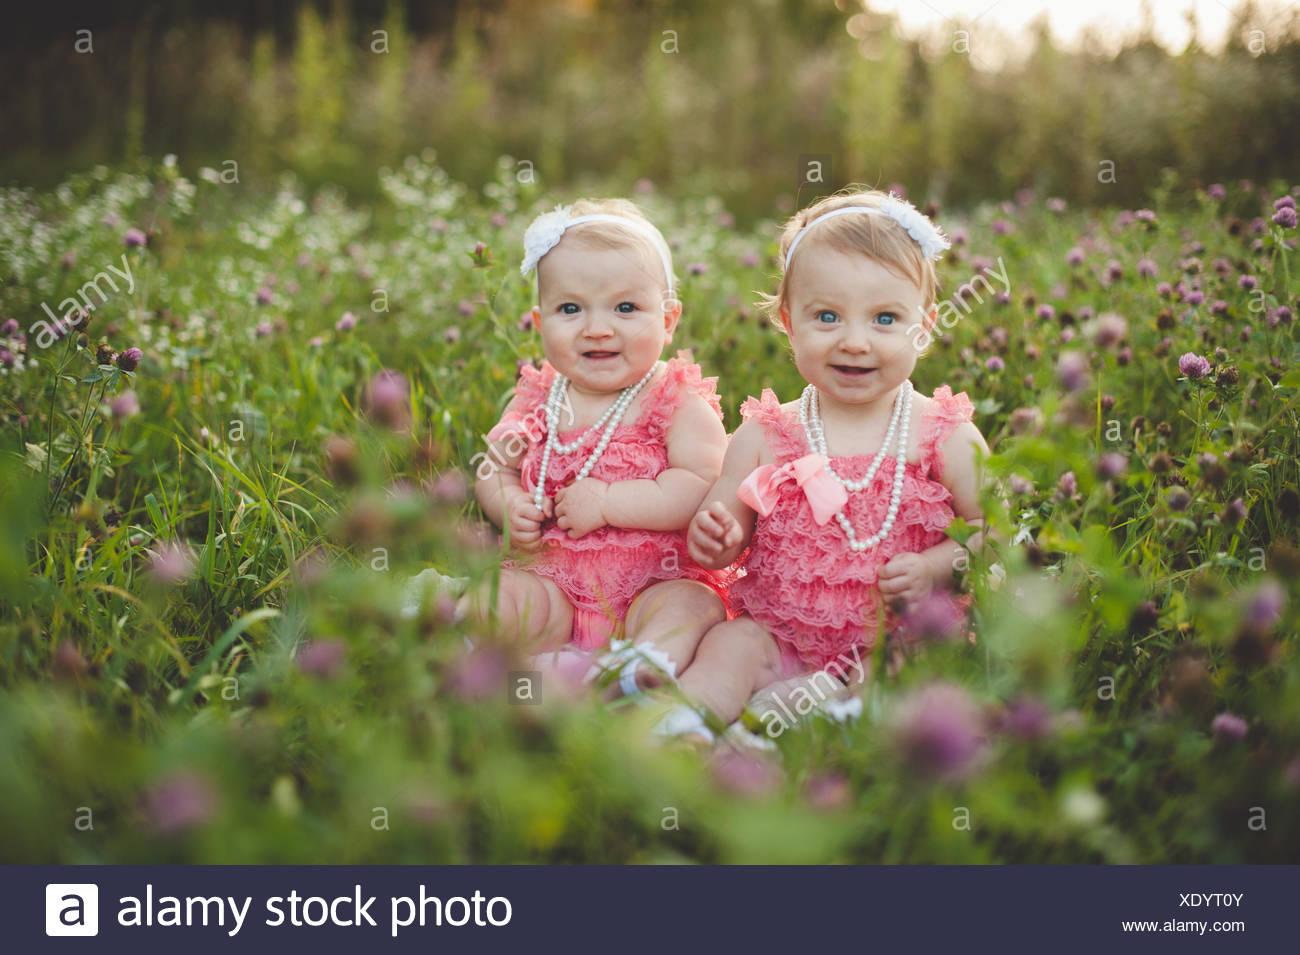 Retrato de hermanas gemelas bebé sentado en flor salvaje pradera luciendo vestidos rosa Imagen De Stock